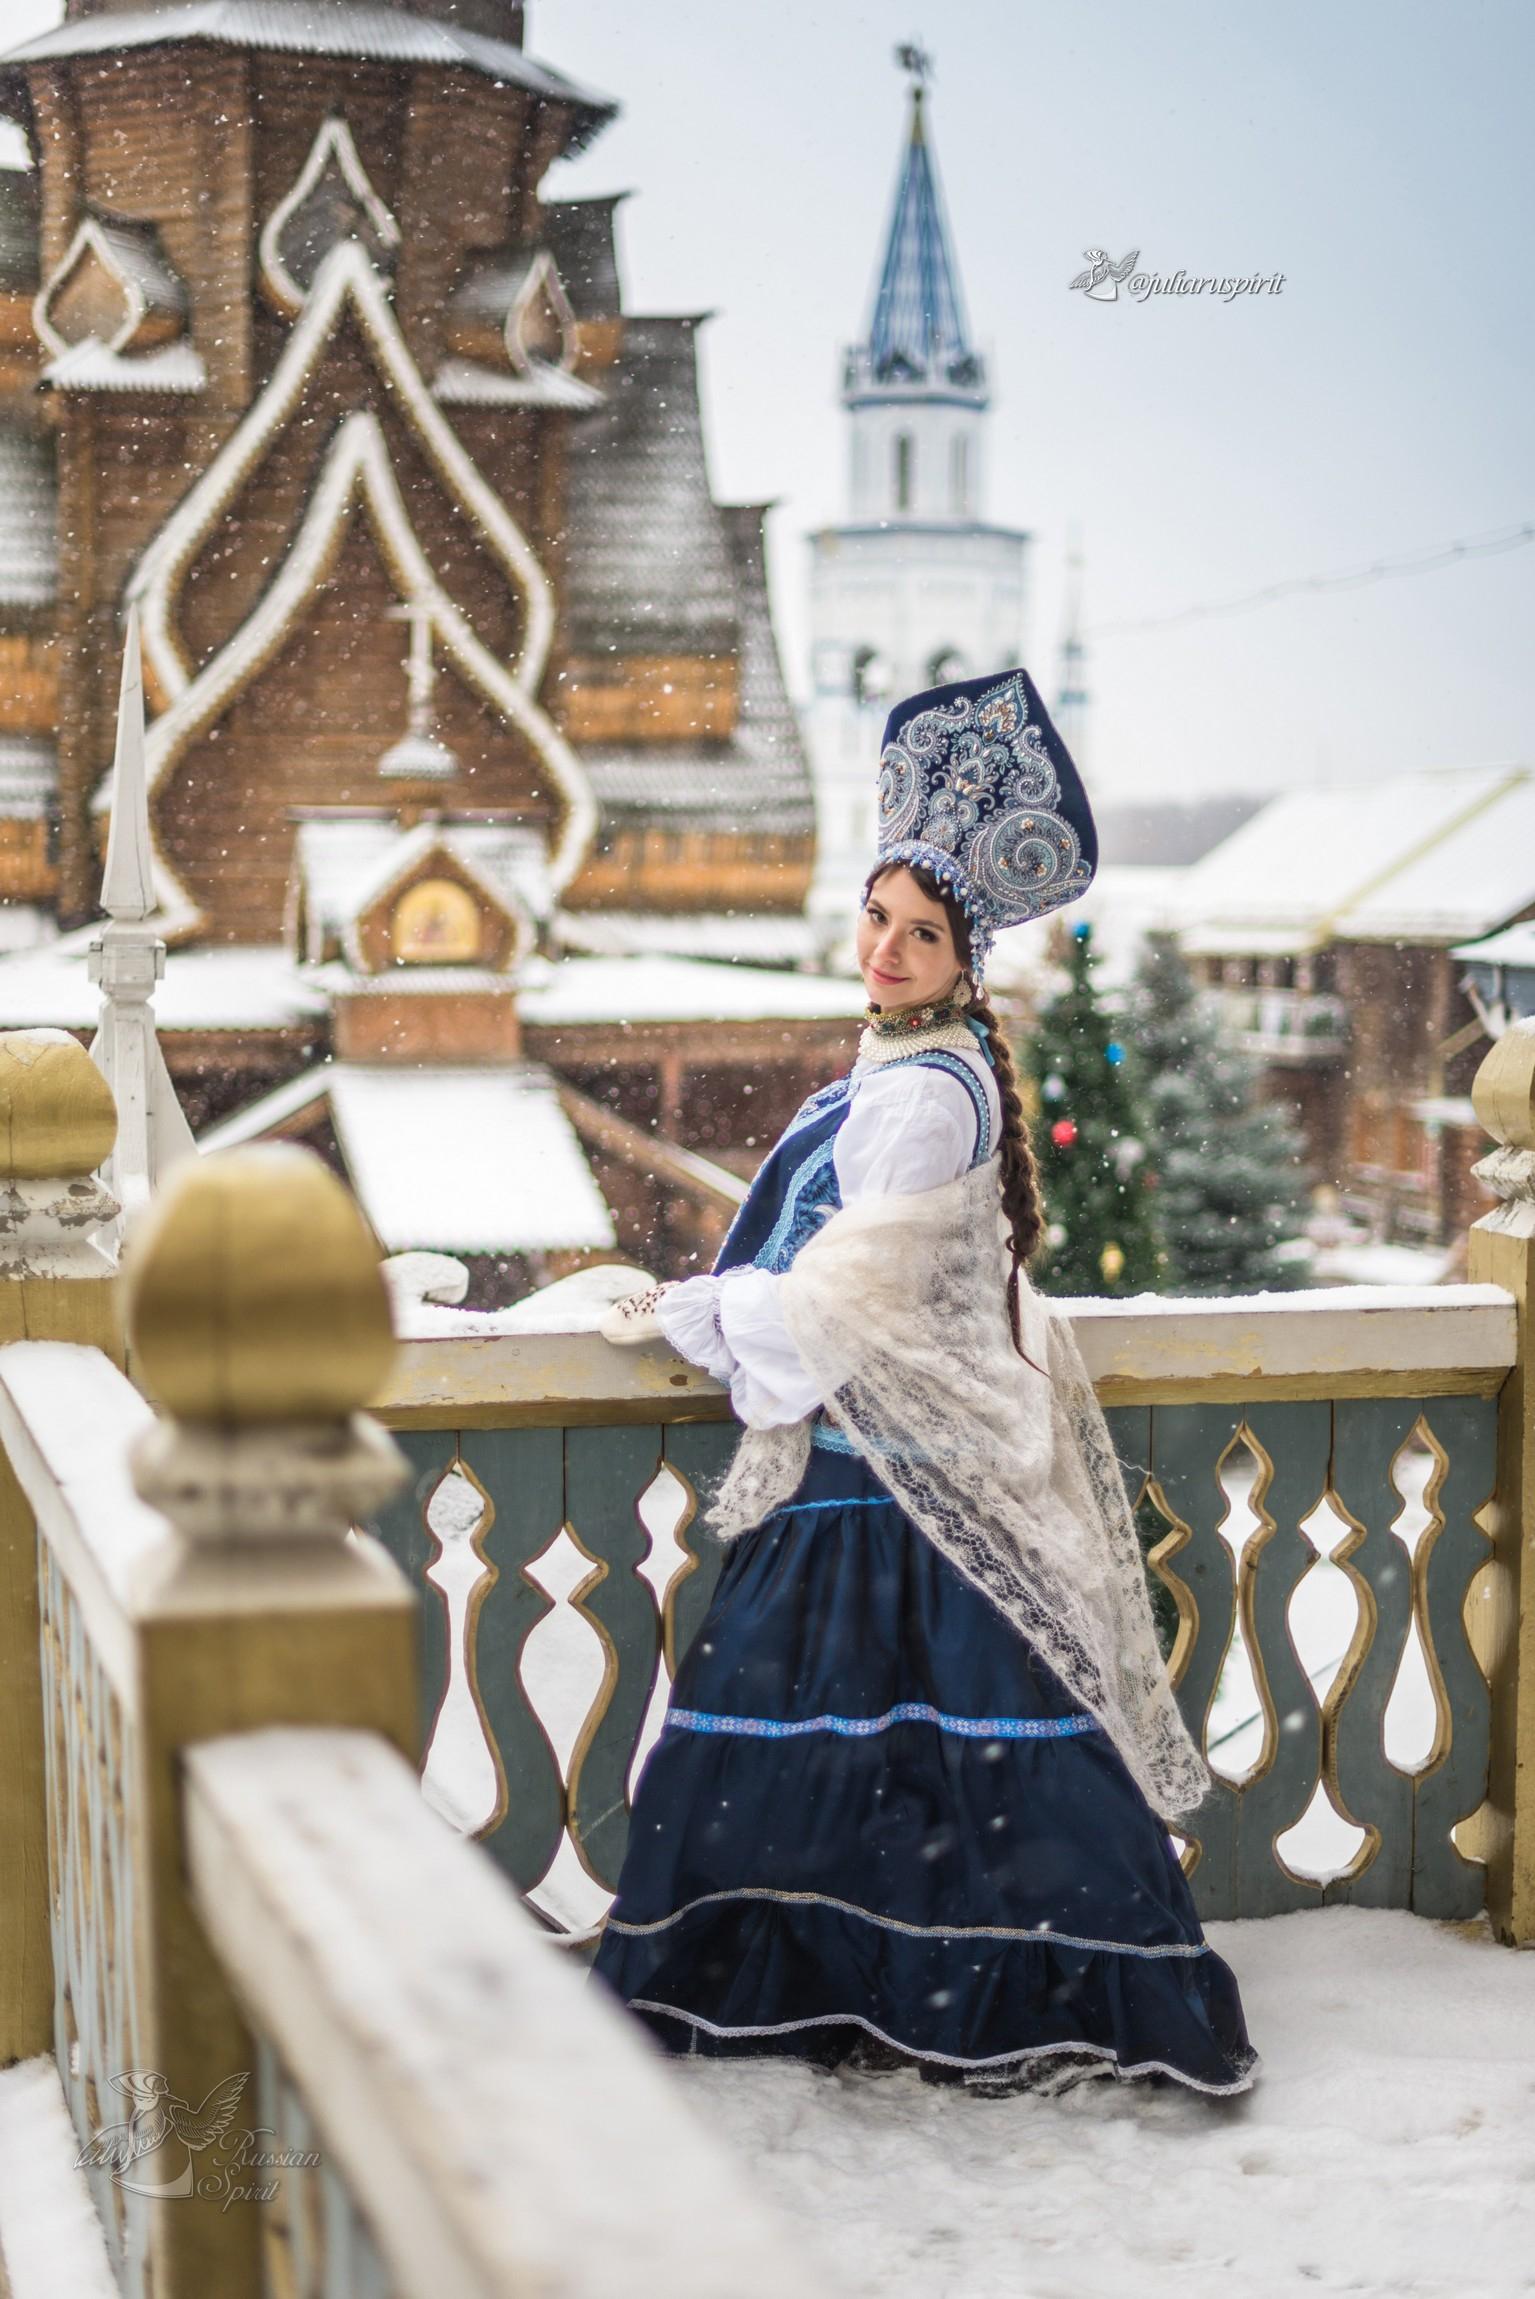 девушка на фоне деревянного кремля в русском стиле зимой